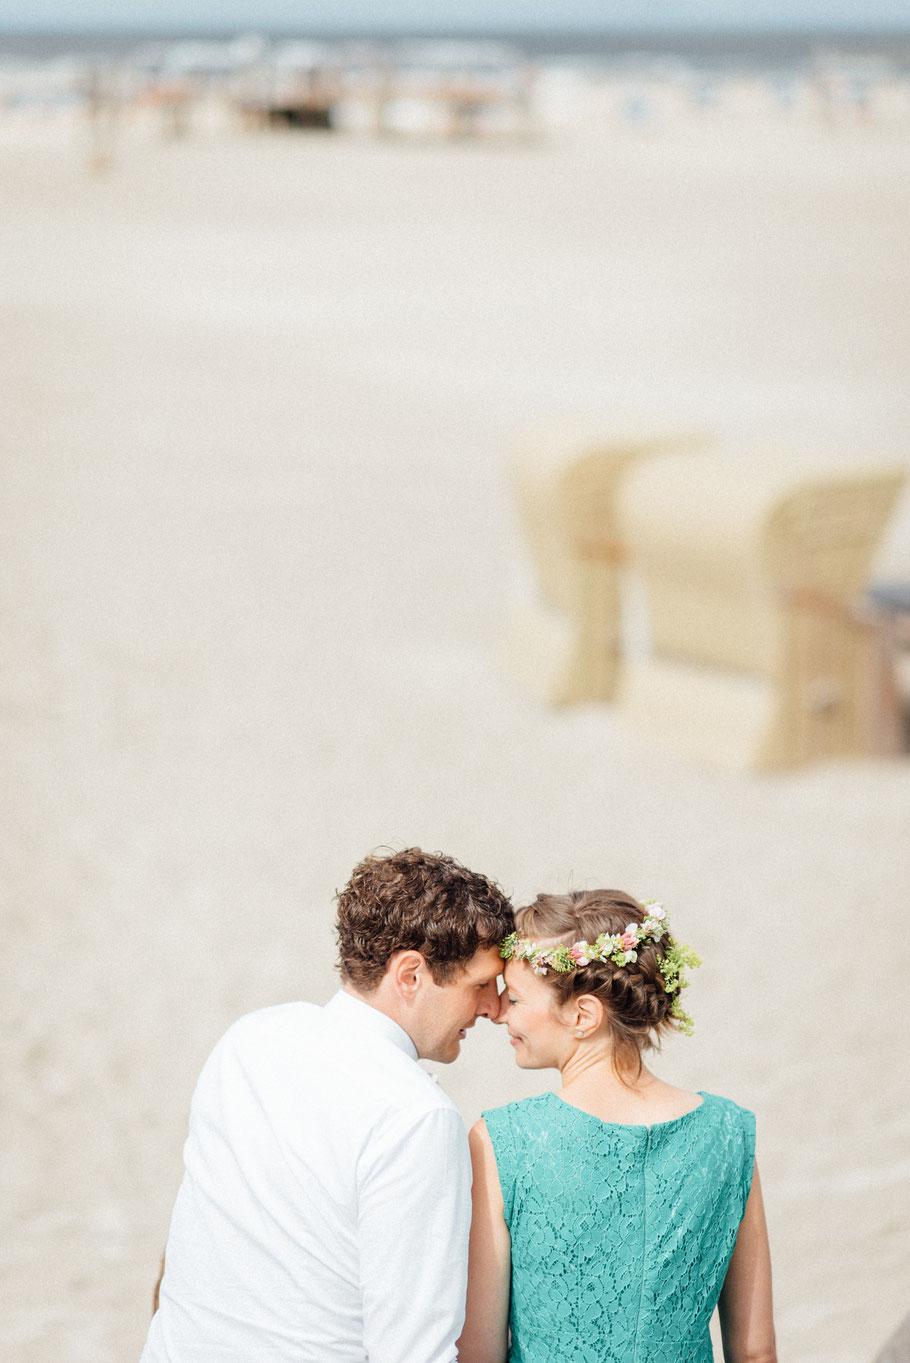 Bild vom Hochzeitsfotograf Matthias aus Hamburg